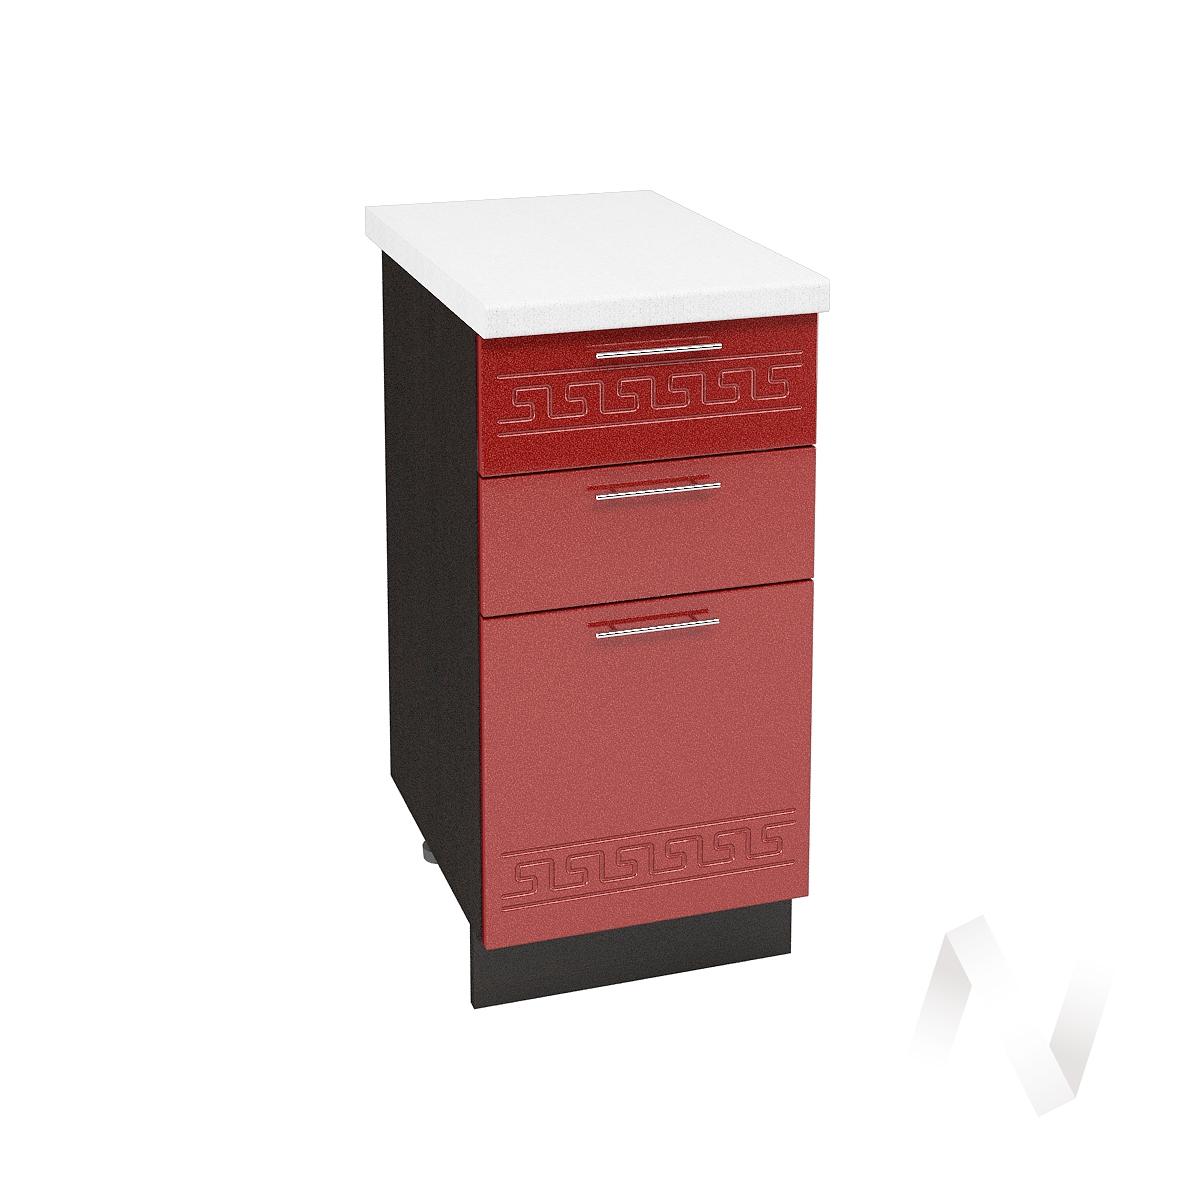 """Кухня """"Греция"""": Шкаф нижний с 3-мя ящиками 400, ШН3Я 400 (гранатовый металлик/корпус венге)"""